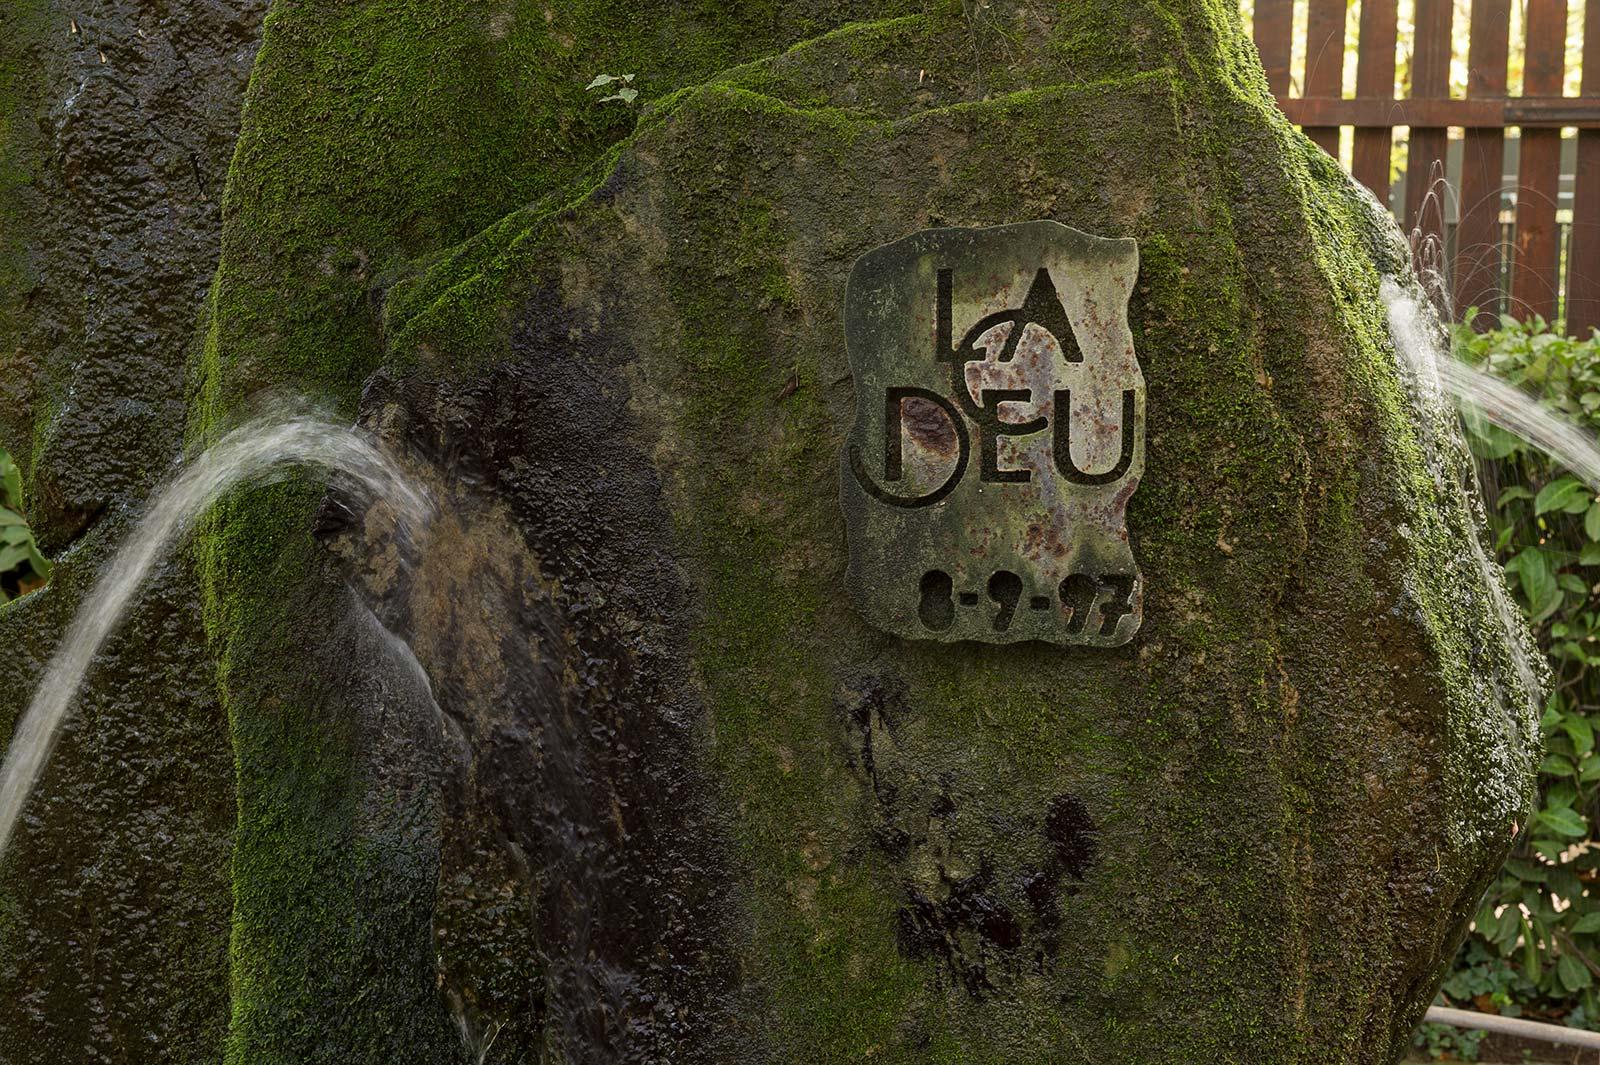 La fuente de la entrada en el Restaurante La Deu